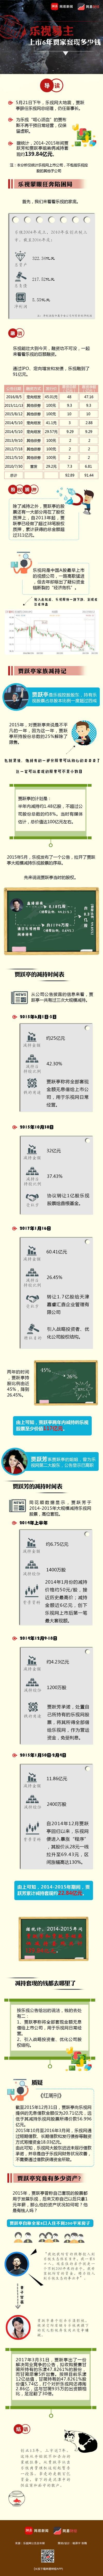 乐视易主 上市近7年贾跃亭家族套现了多少钱? 最新资讯 第1张